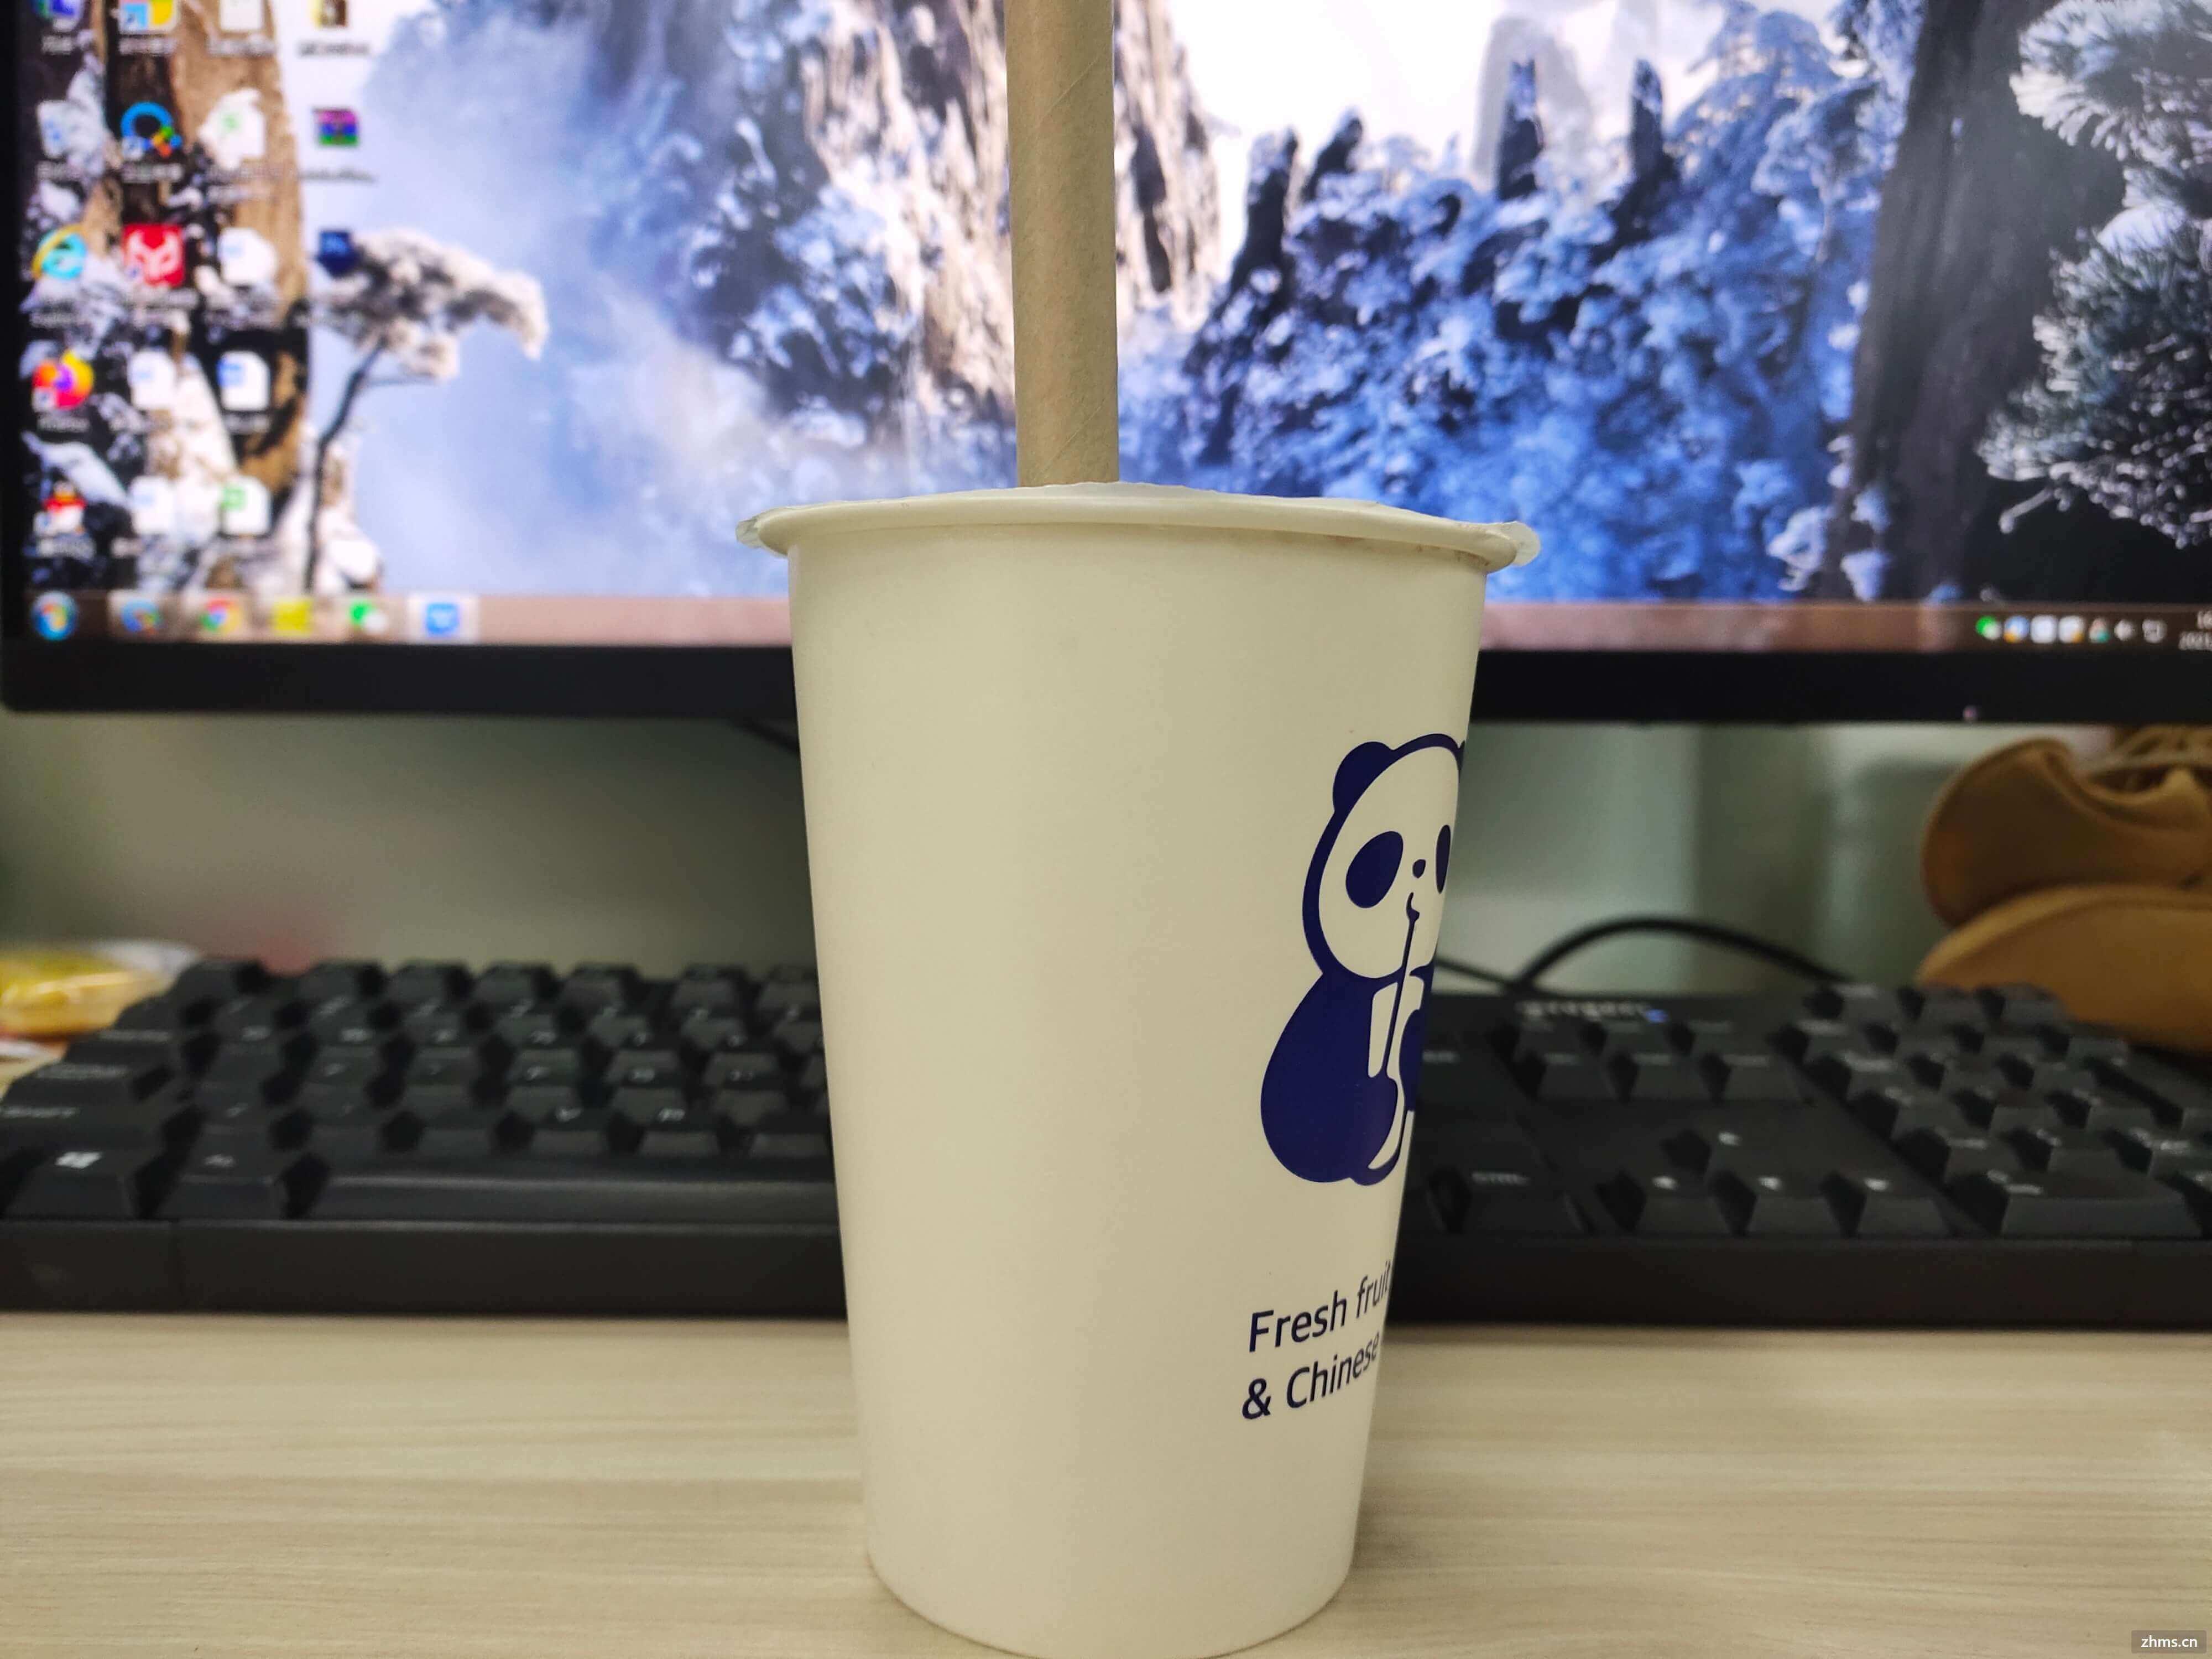 憨豆先生奶茶加盟费是多少钱?需要多久时间回本?